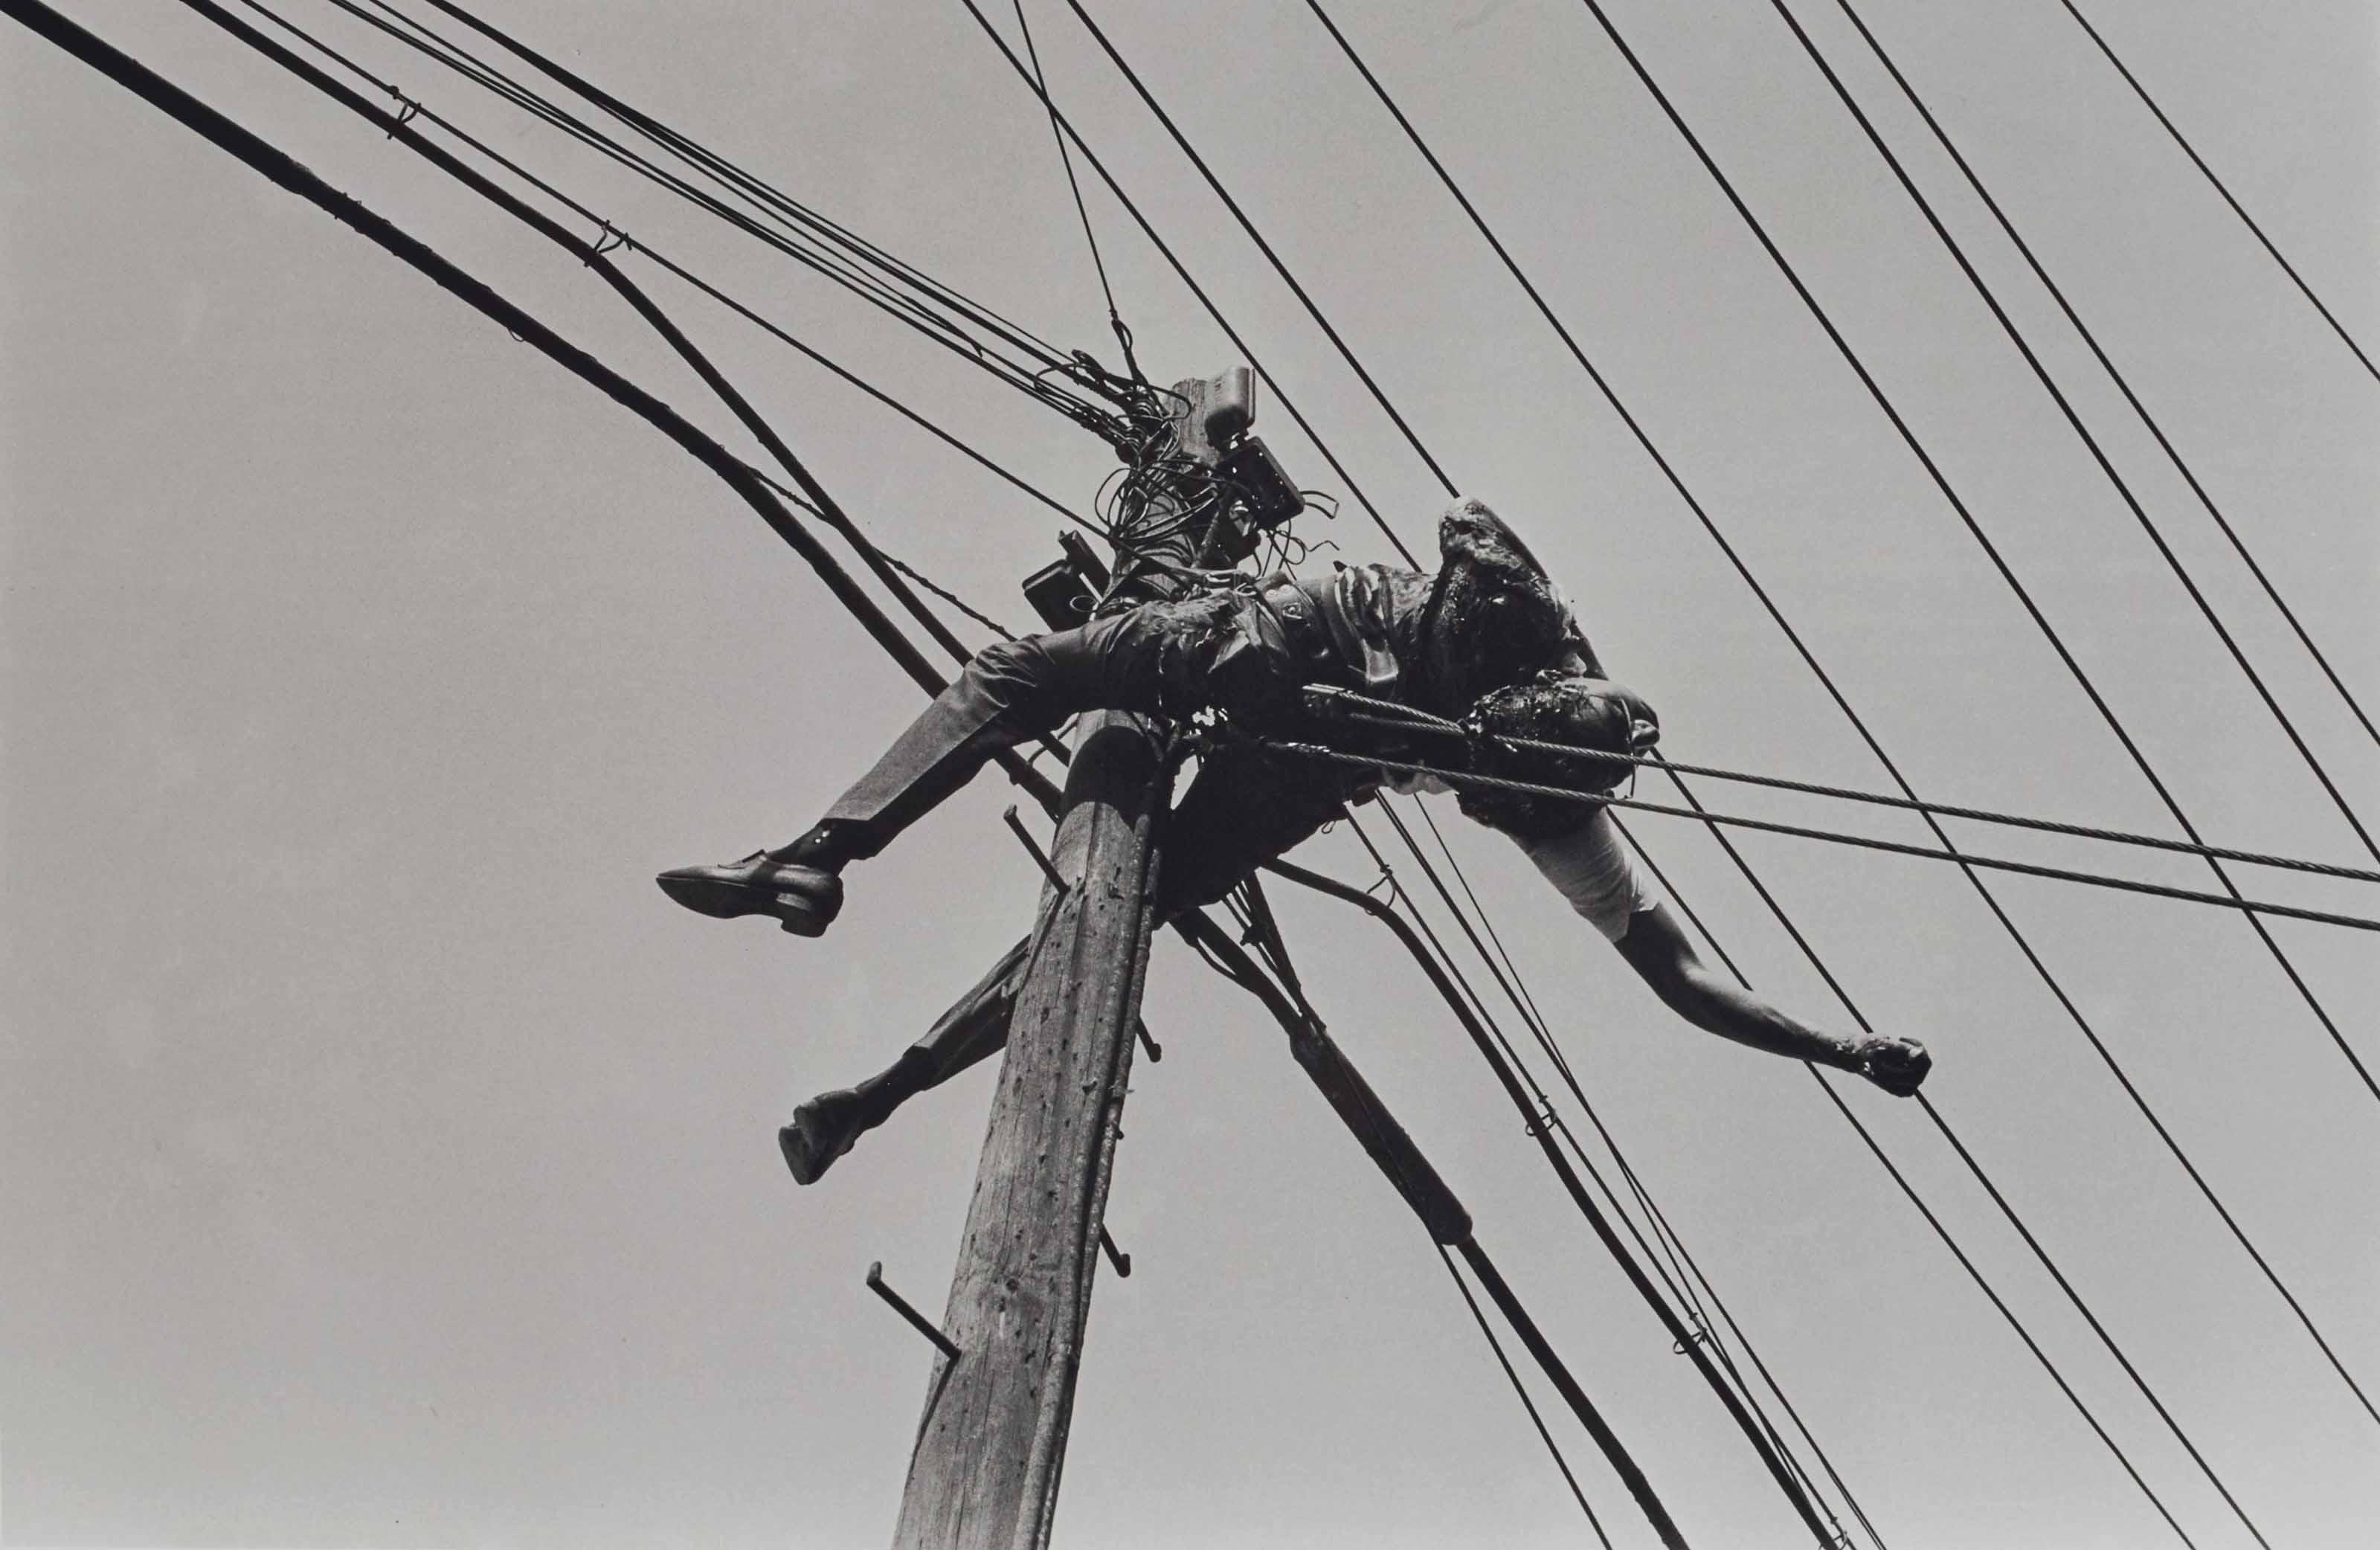 Untitled (Empleado de Telefonos de Mexico Electrocutado en el km 13 de la Carretera Mexico-Toluca), 1958